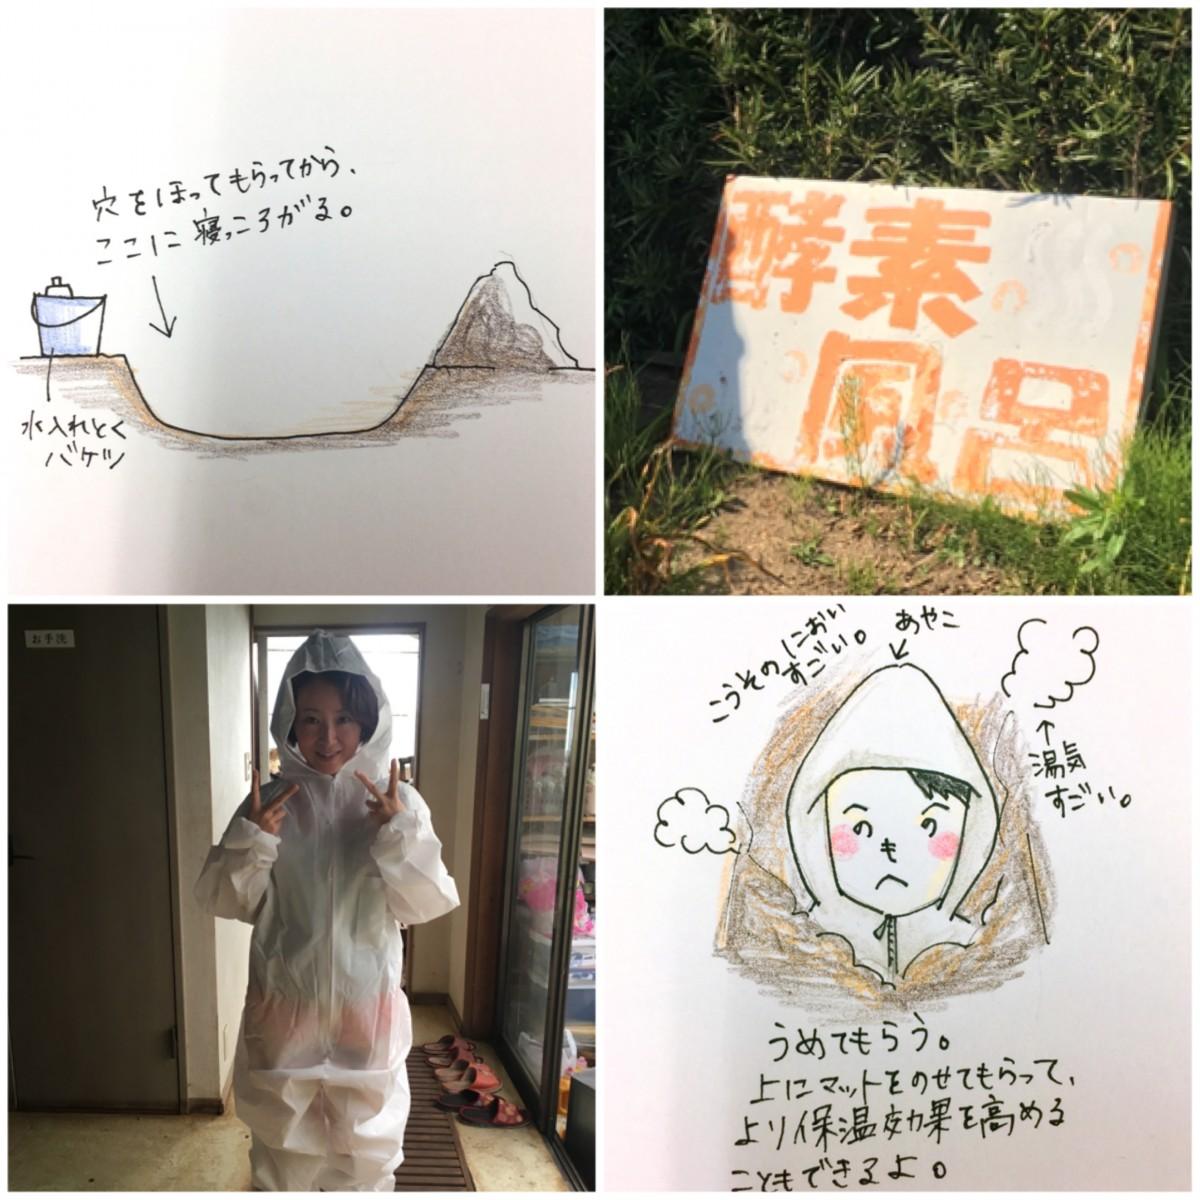 """こじはるも実践してる駆け込みダイエット美容術""""酵素浴""""Ayakoの体当たりレポ!"""